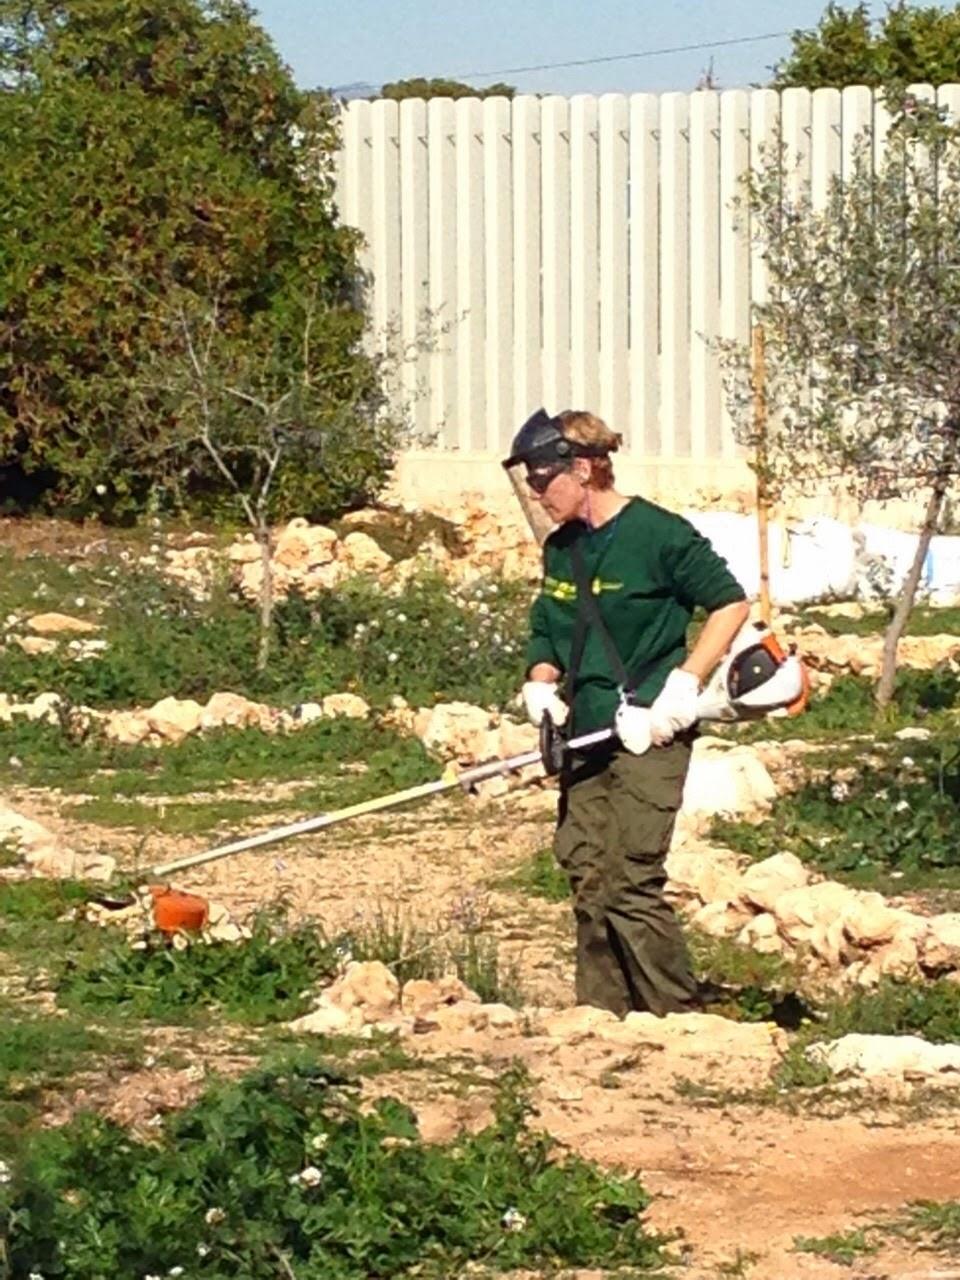 Taller de empleo direct iv instalaci n y mantenimiento de for Mantenimiento de jardines